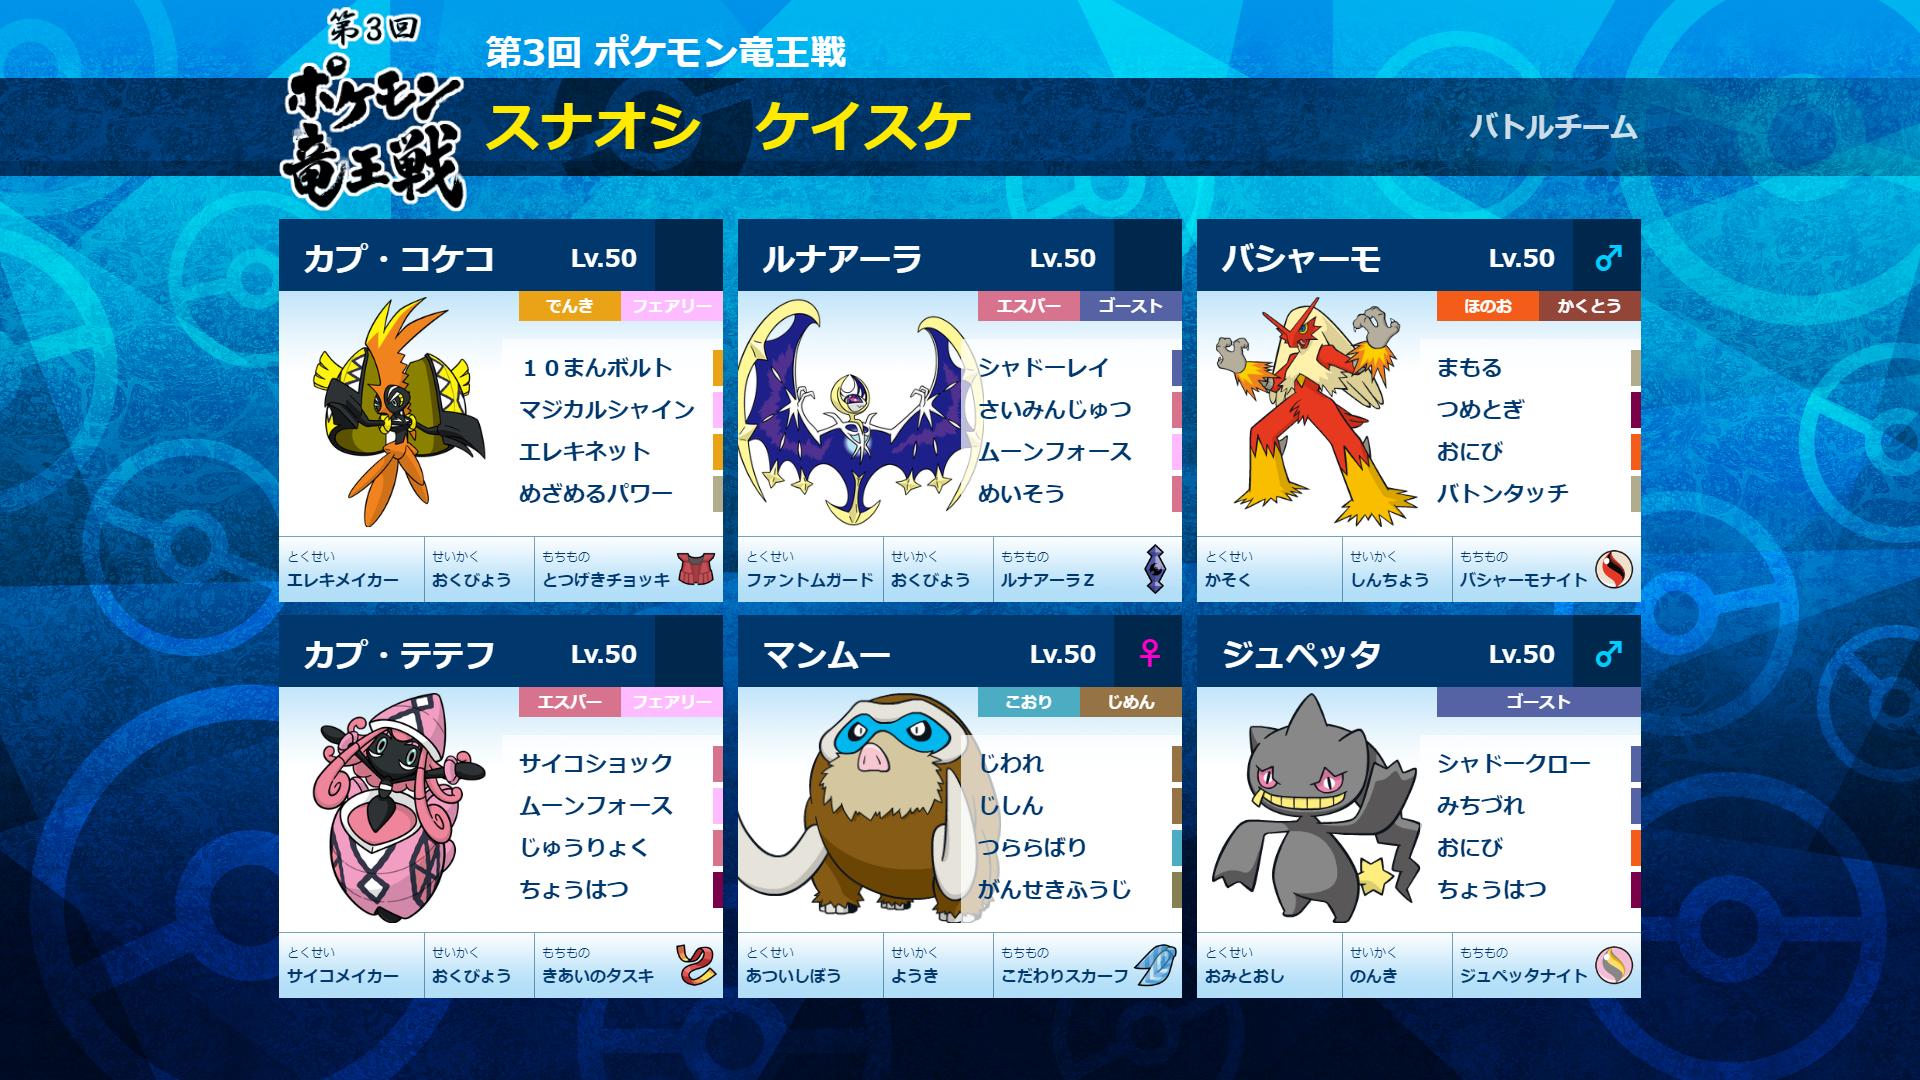 第3回 ポケモン竜王戦」公式サイト